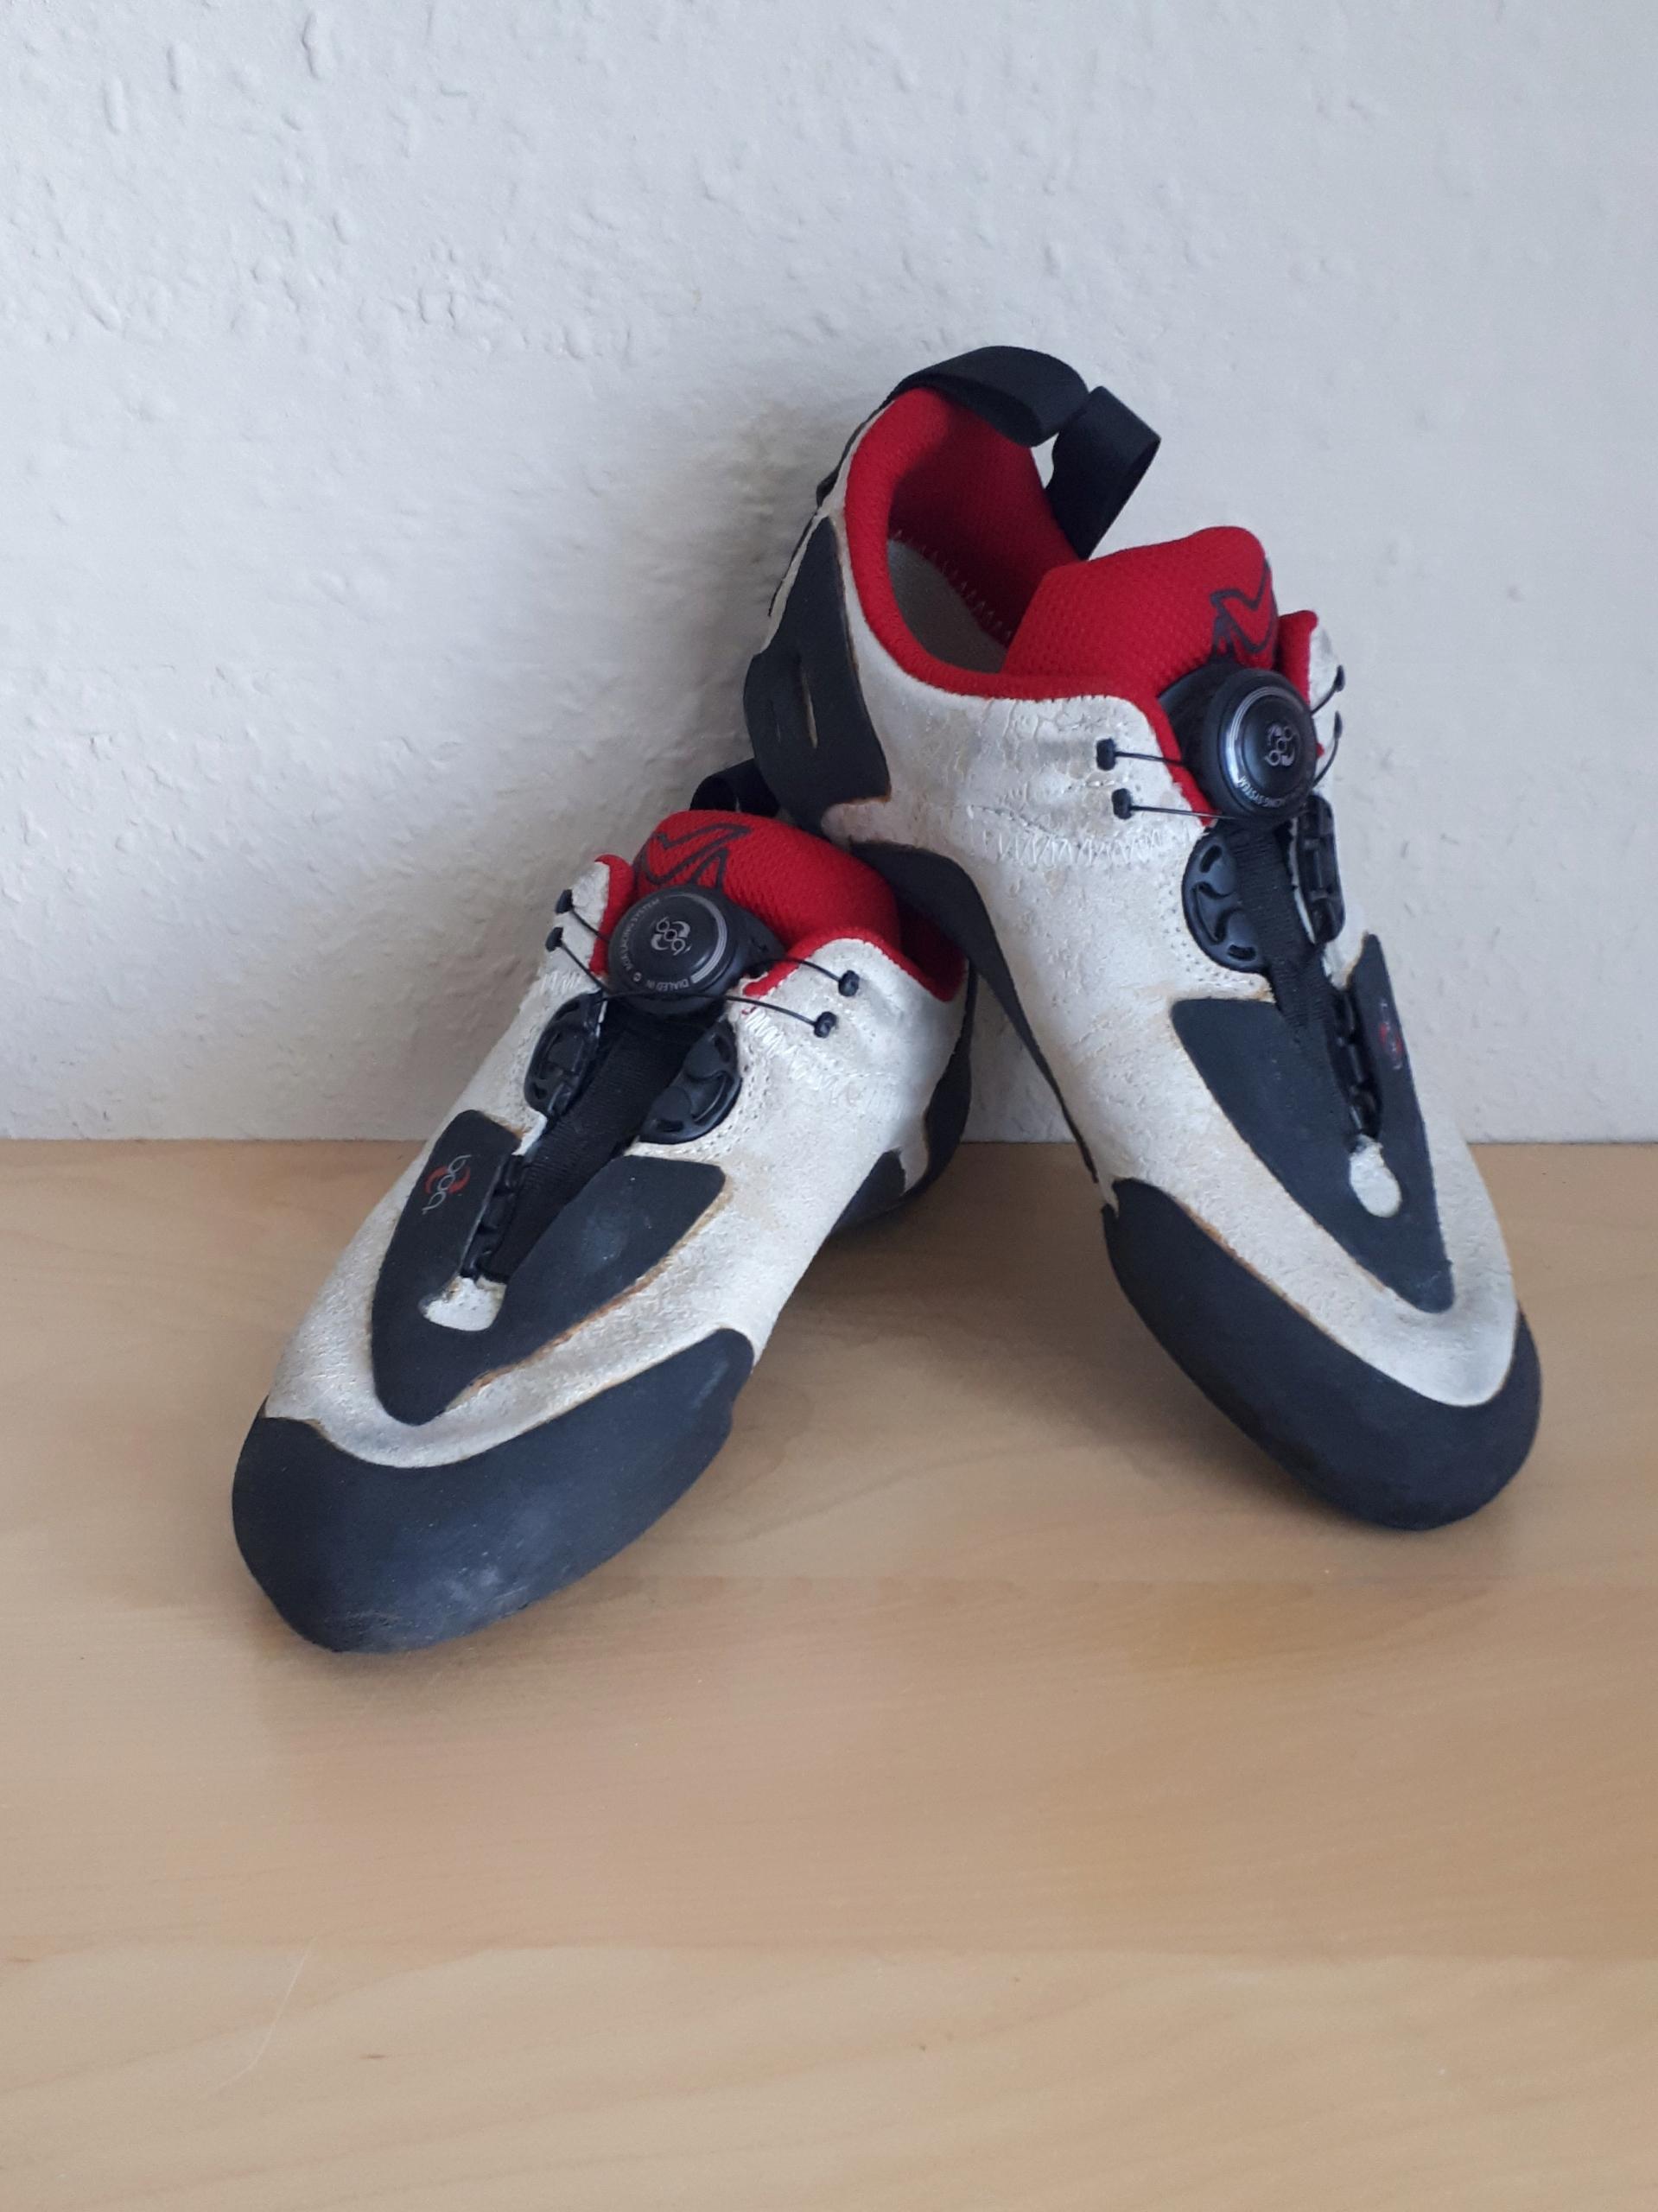 Buty wspinczkowe damskie MILLET boa rozmiar 38,5